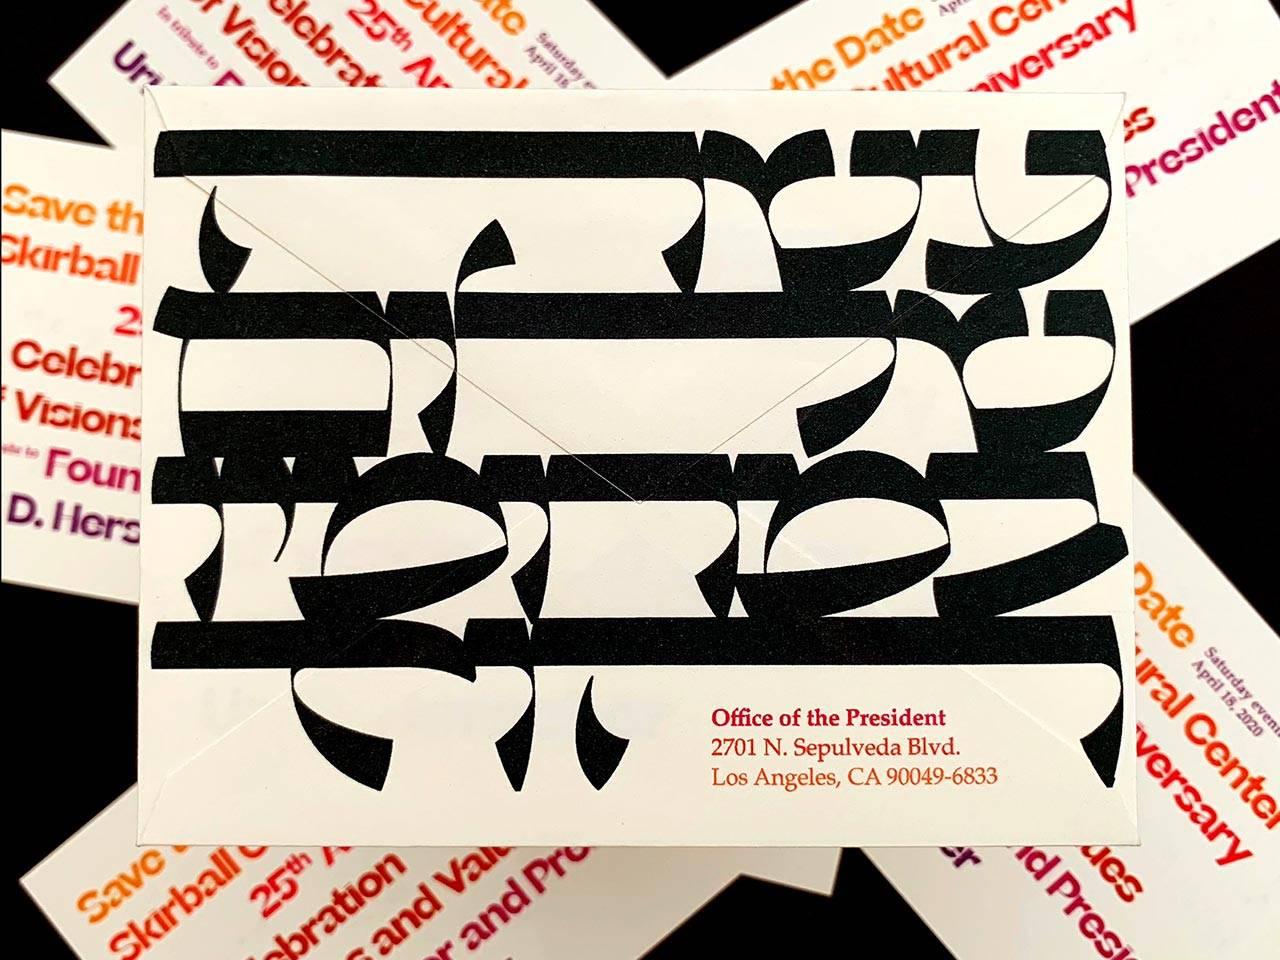 מעטפת הזמנה לערב גאלה עבור Skirball Cultural Center (בשיתוף אביב ליכטר), 2020